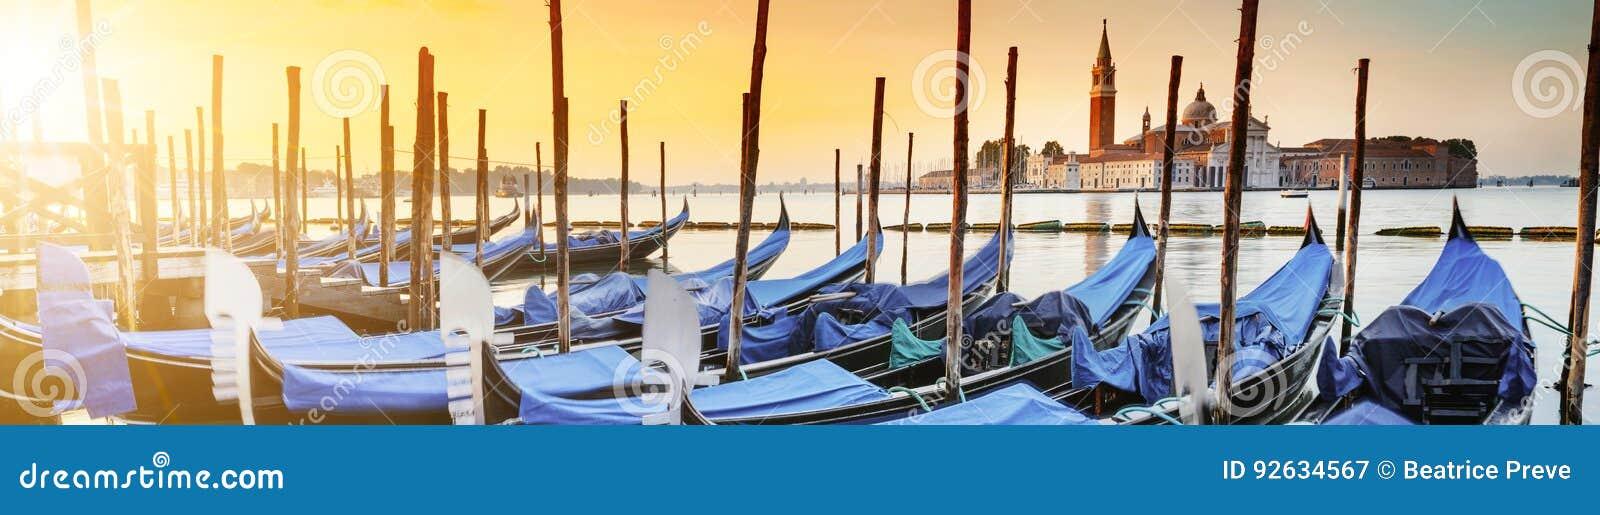 Gondoler i Venezia